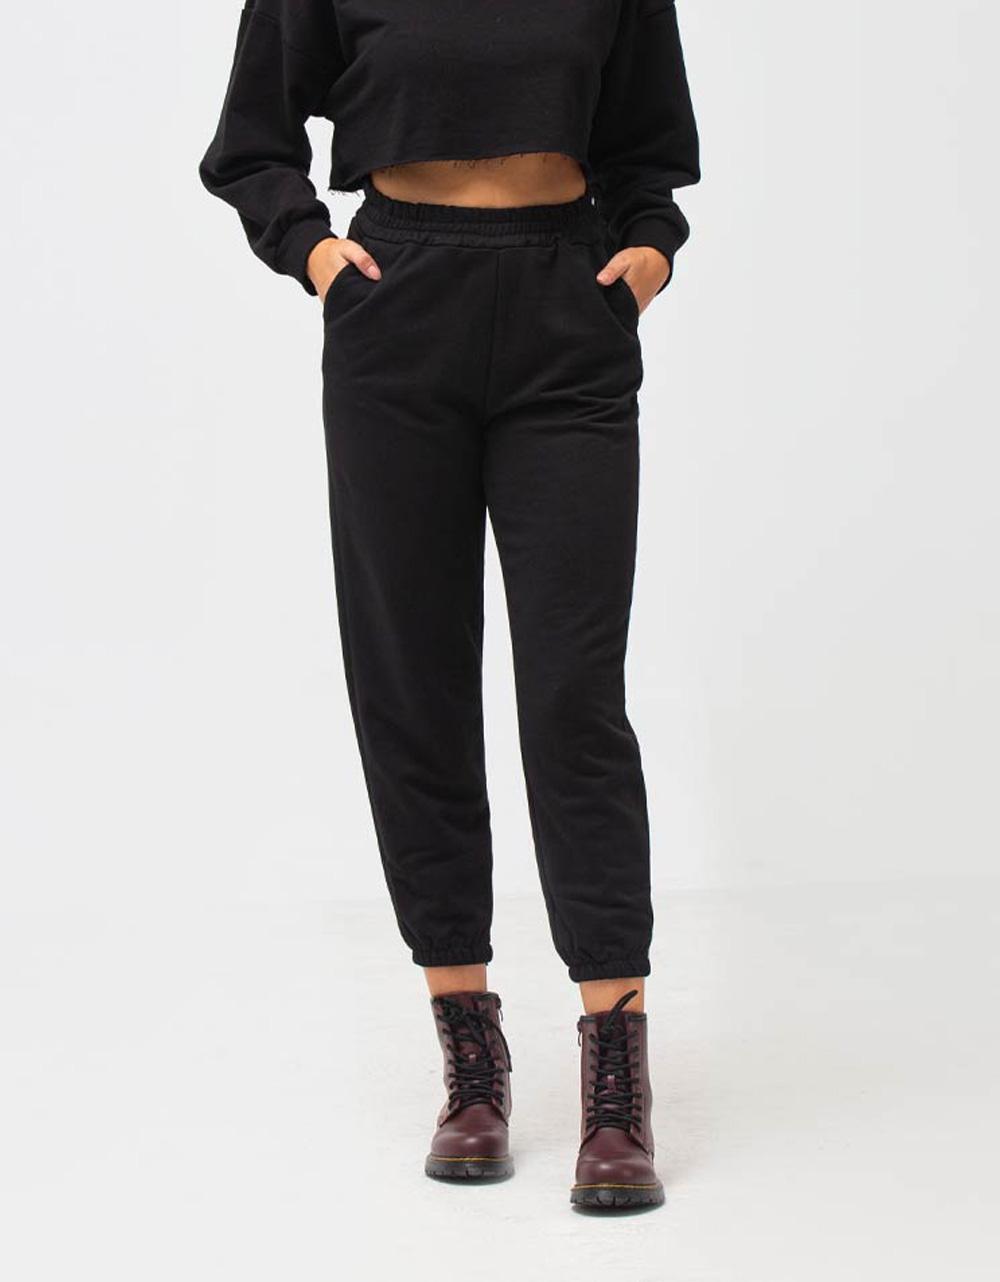 Εικόνα από Γυναικείο παντελόνι φούτερ με λάστιχο Μαύρο